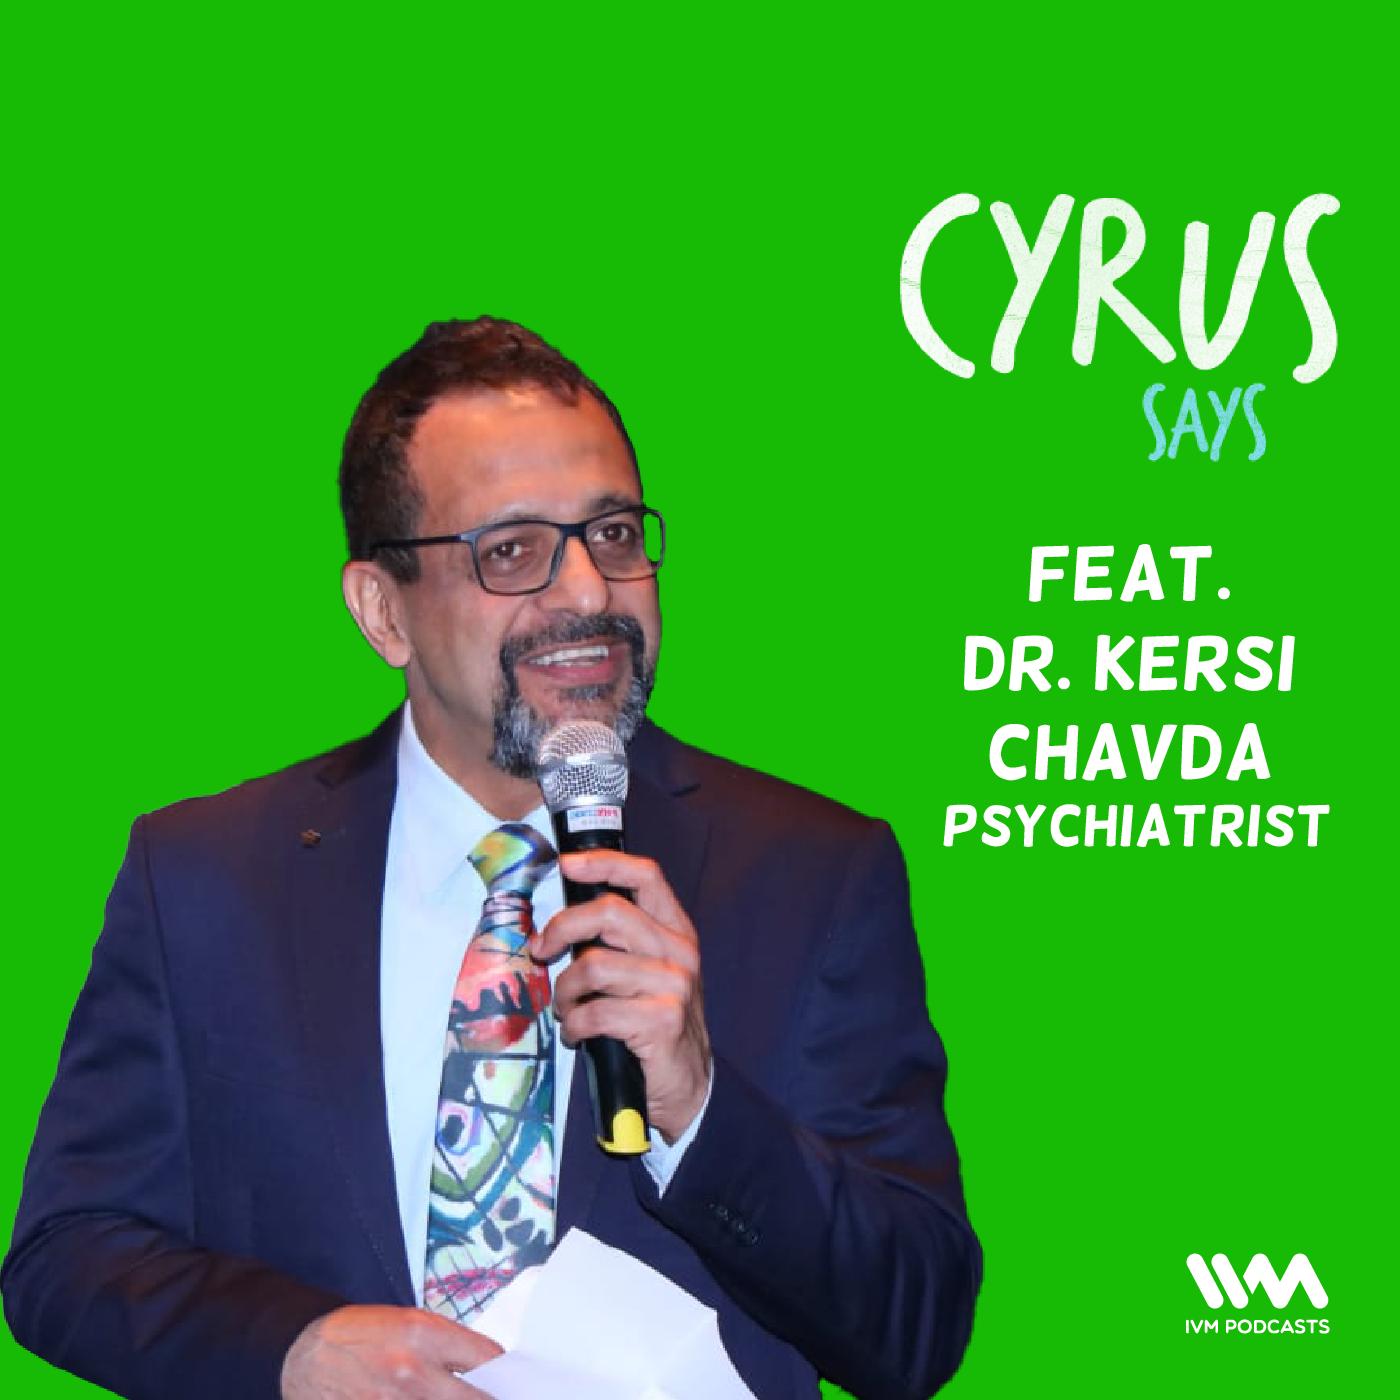 Ep. 601: feat. Dr. Kersi Chavda, Amit and Antariksh